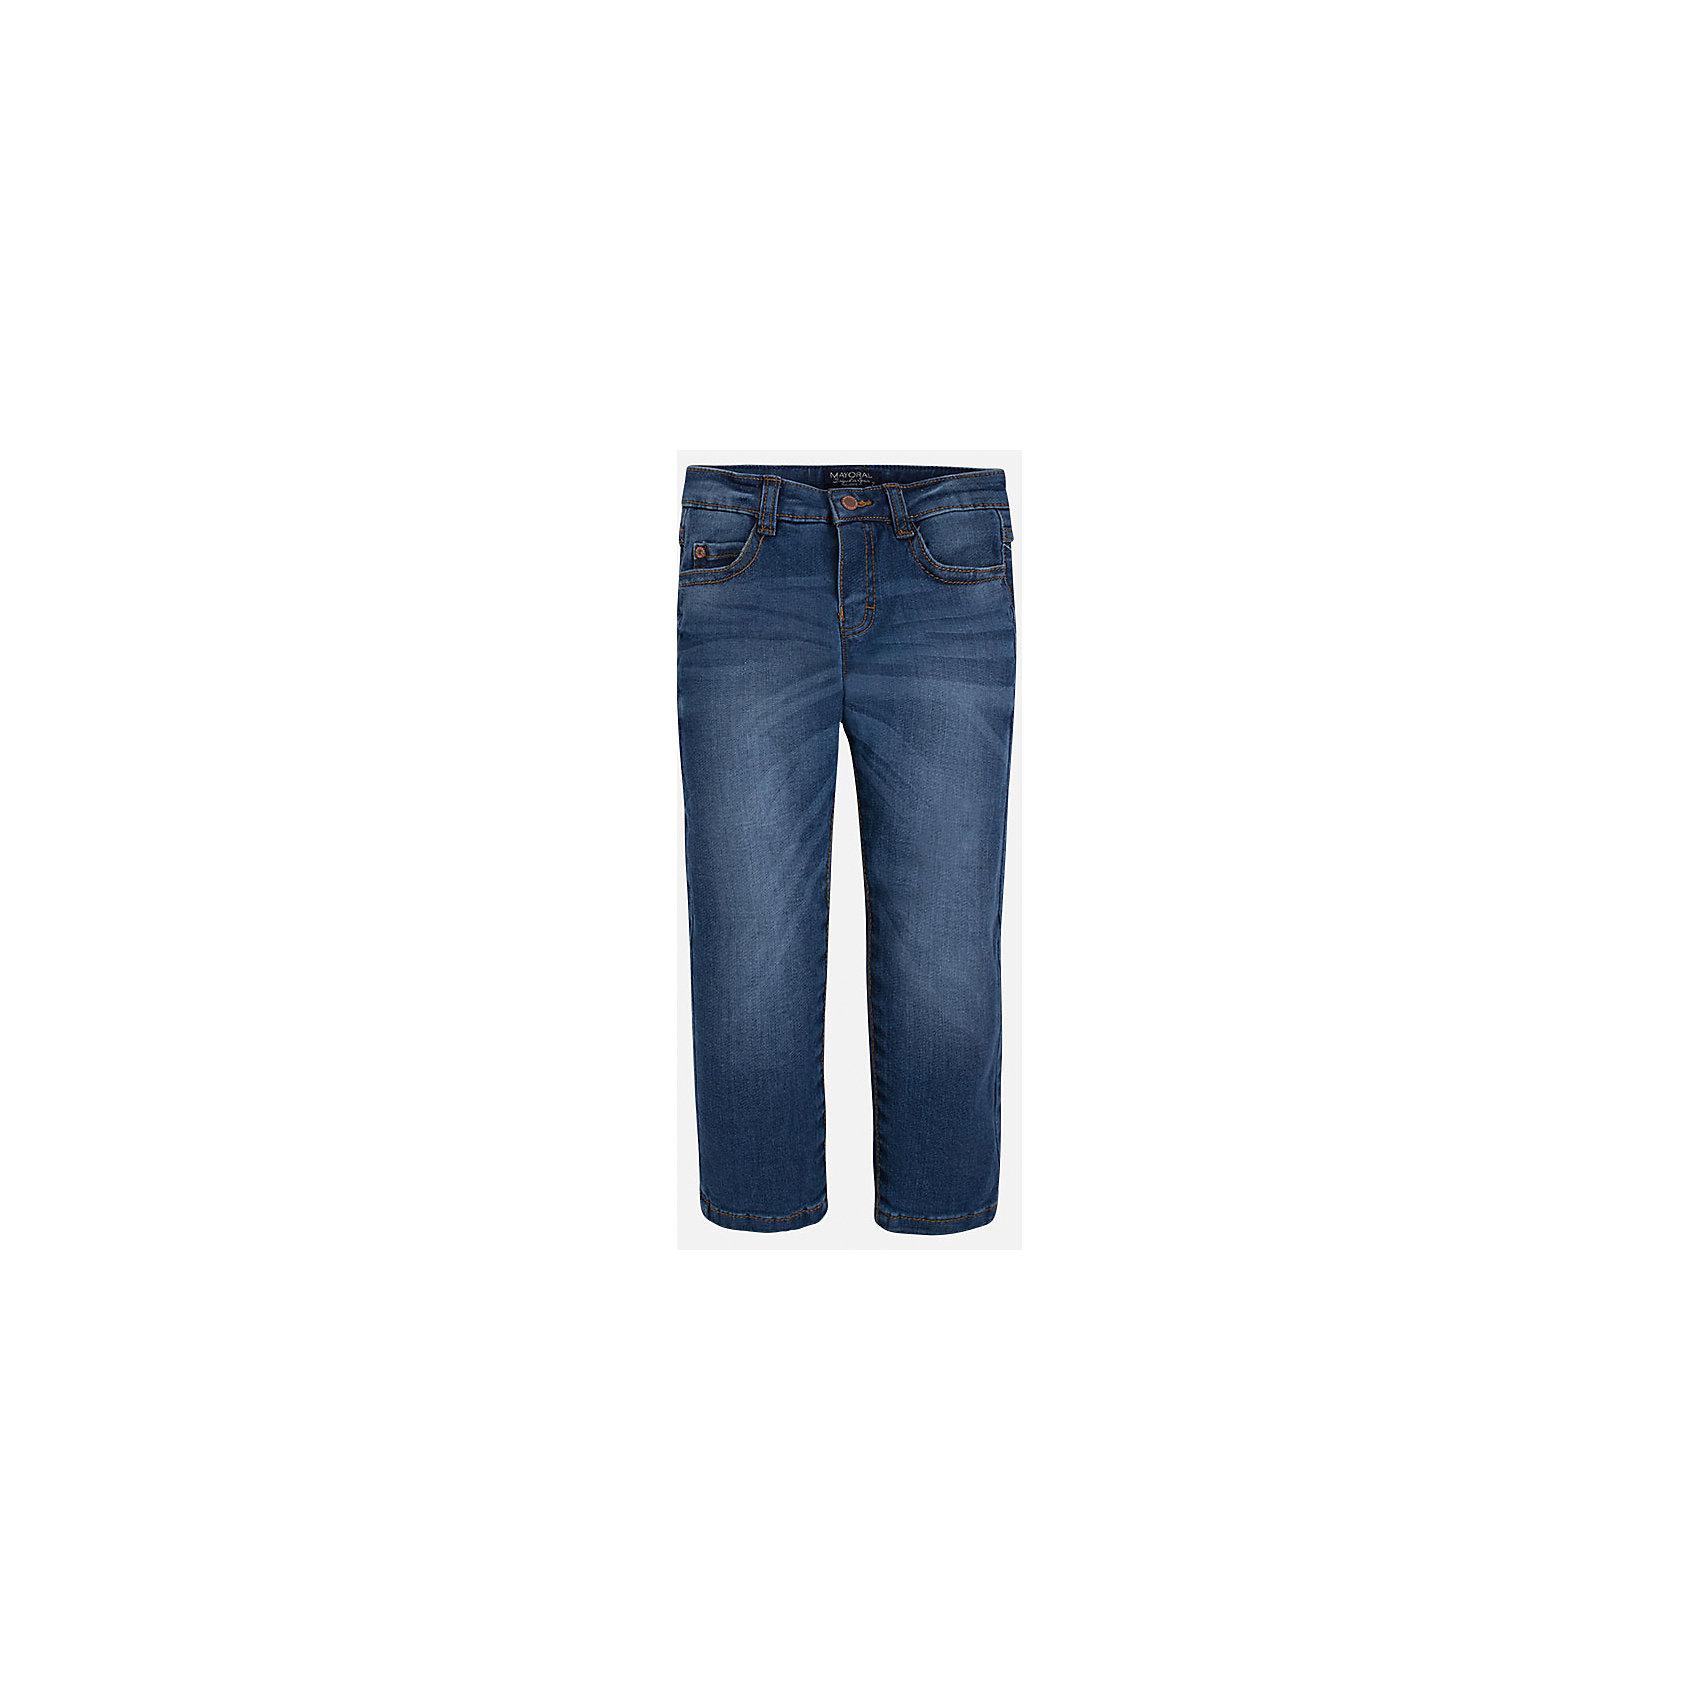 Джинсы для мальчика MayoralДжинсовая одежда<br>Хорошие, качественные джинсы - это необходимый атрибут в гардеробе каждого человека!<br><br>Дополнительная информация:<br><br>- Крой: зауженный крой (Slim fit).<br>- Страна бренда: Испания.<br>- Состав: хлопок 99%, эластан 1%.<br>- Цвет: синий.<br>- Уход: бережная стирка при 30 градусах.<br><br>Купить брюки для мальчика Mayoral можно в нашем магазине.<br><br>Ширина мм: 215<br>Глубина мм: 88<br>Высота мм: 191<br>Вес г: 336<br>Цвет: синий<br>Возраст от месяцев: 24<br>Возраст до месяцев: 36<br>Пол: Мужской<br>Возраст: Детский<br>Размер: 98,104,134,128,116,122,110<br>SKU: 4826623